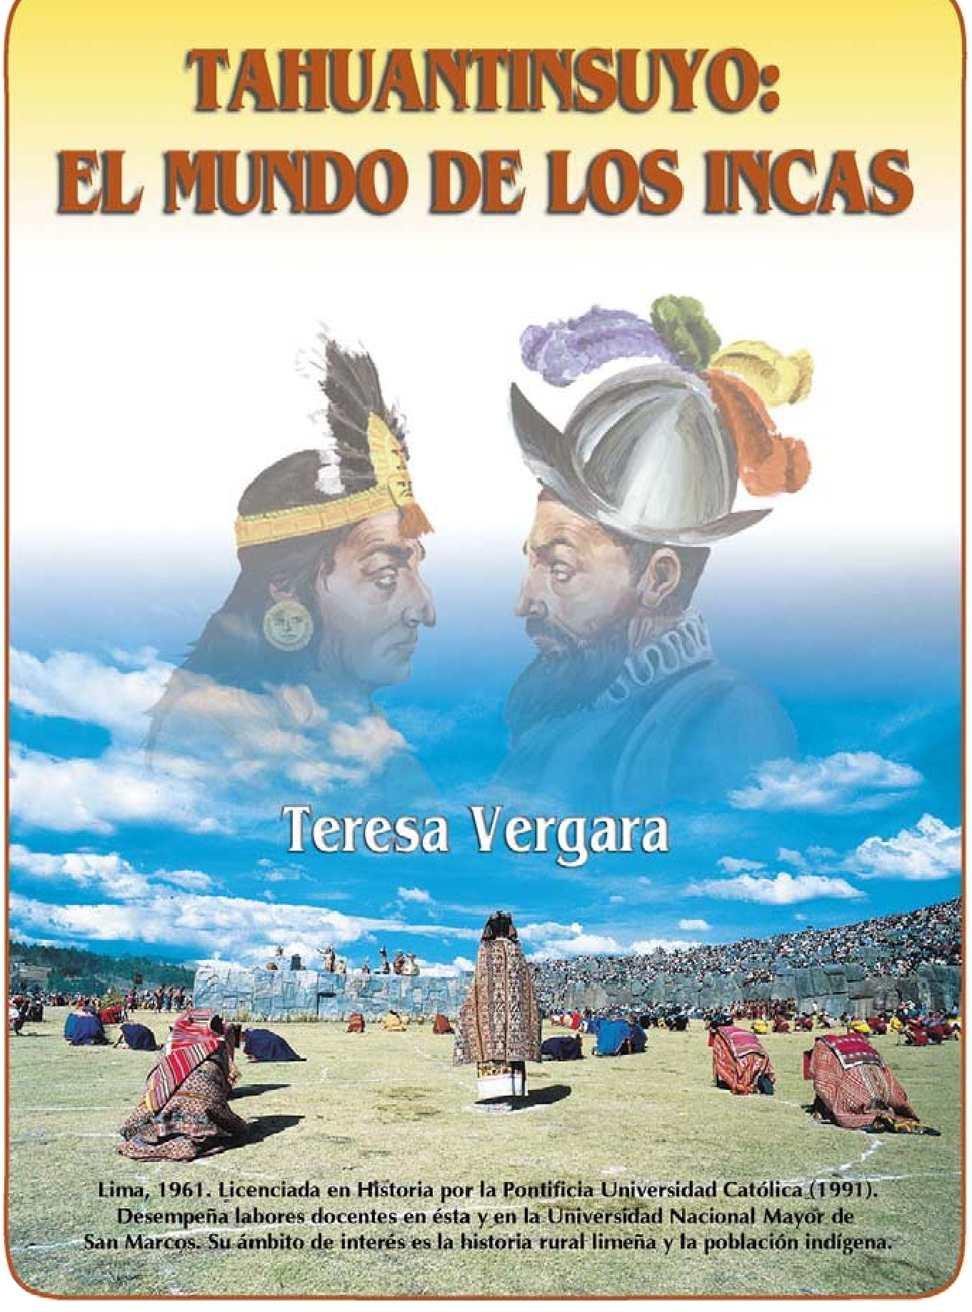 Calaméo - TAHUANTINSUYO: EL MUNDO DE LOS INCAS